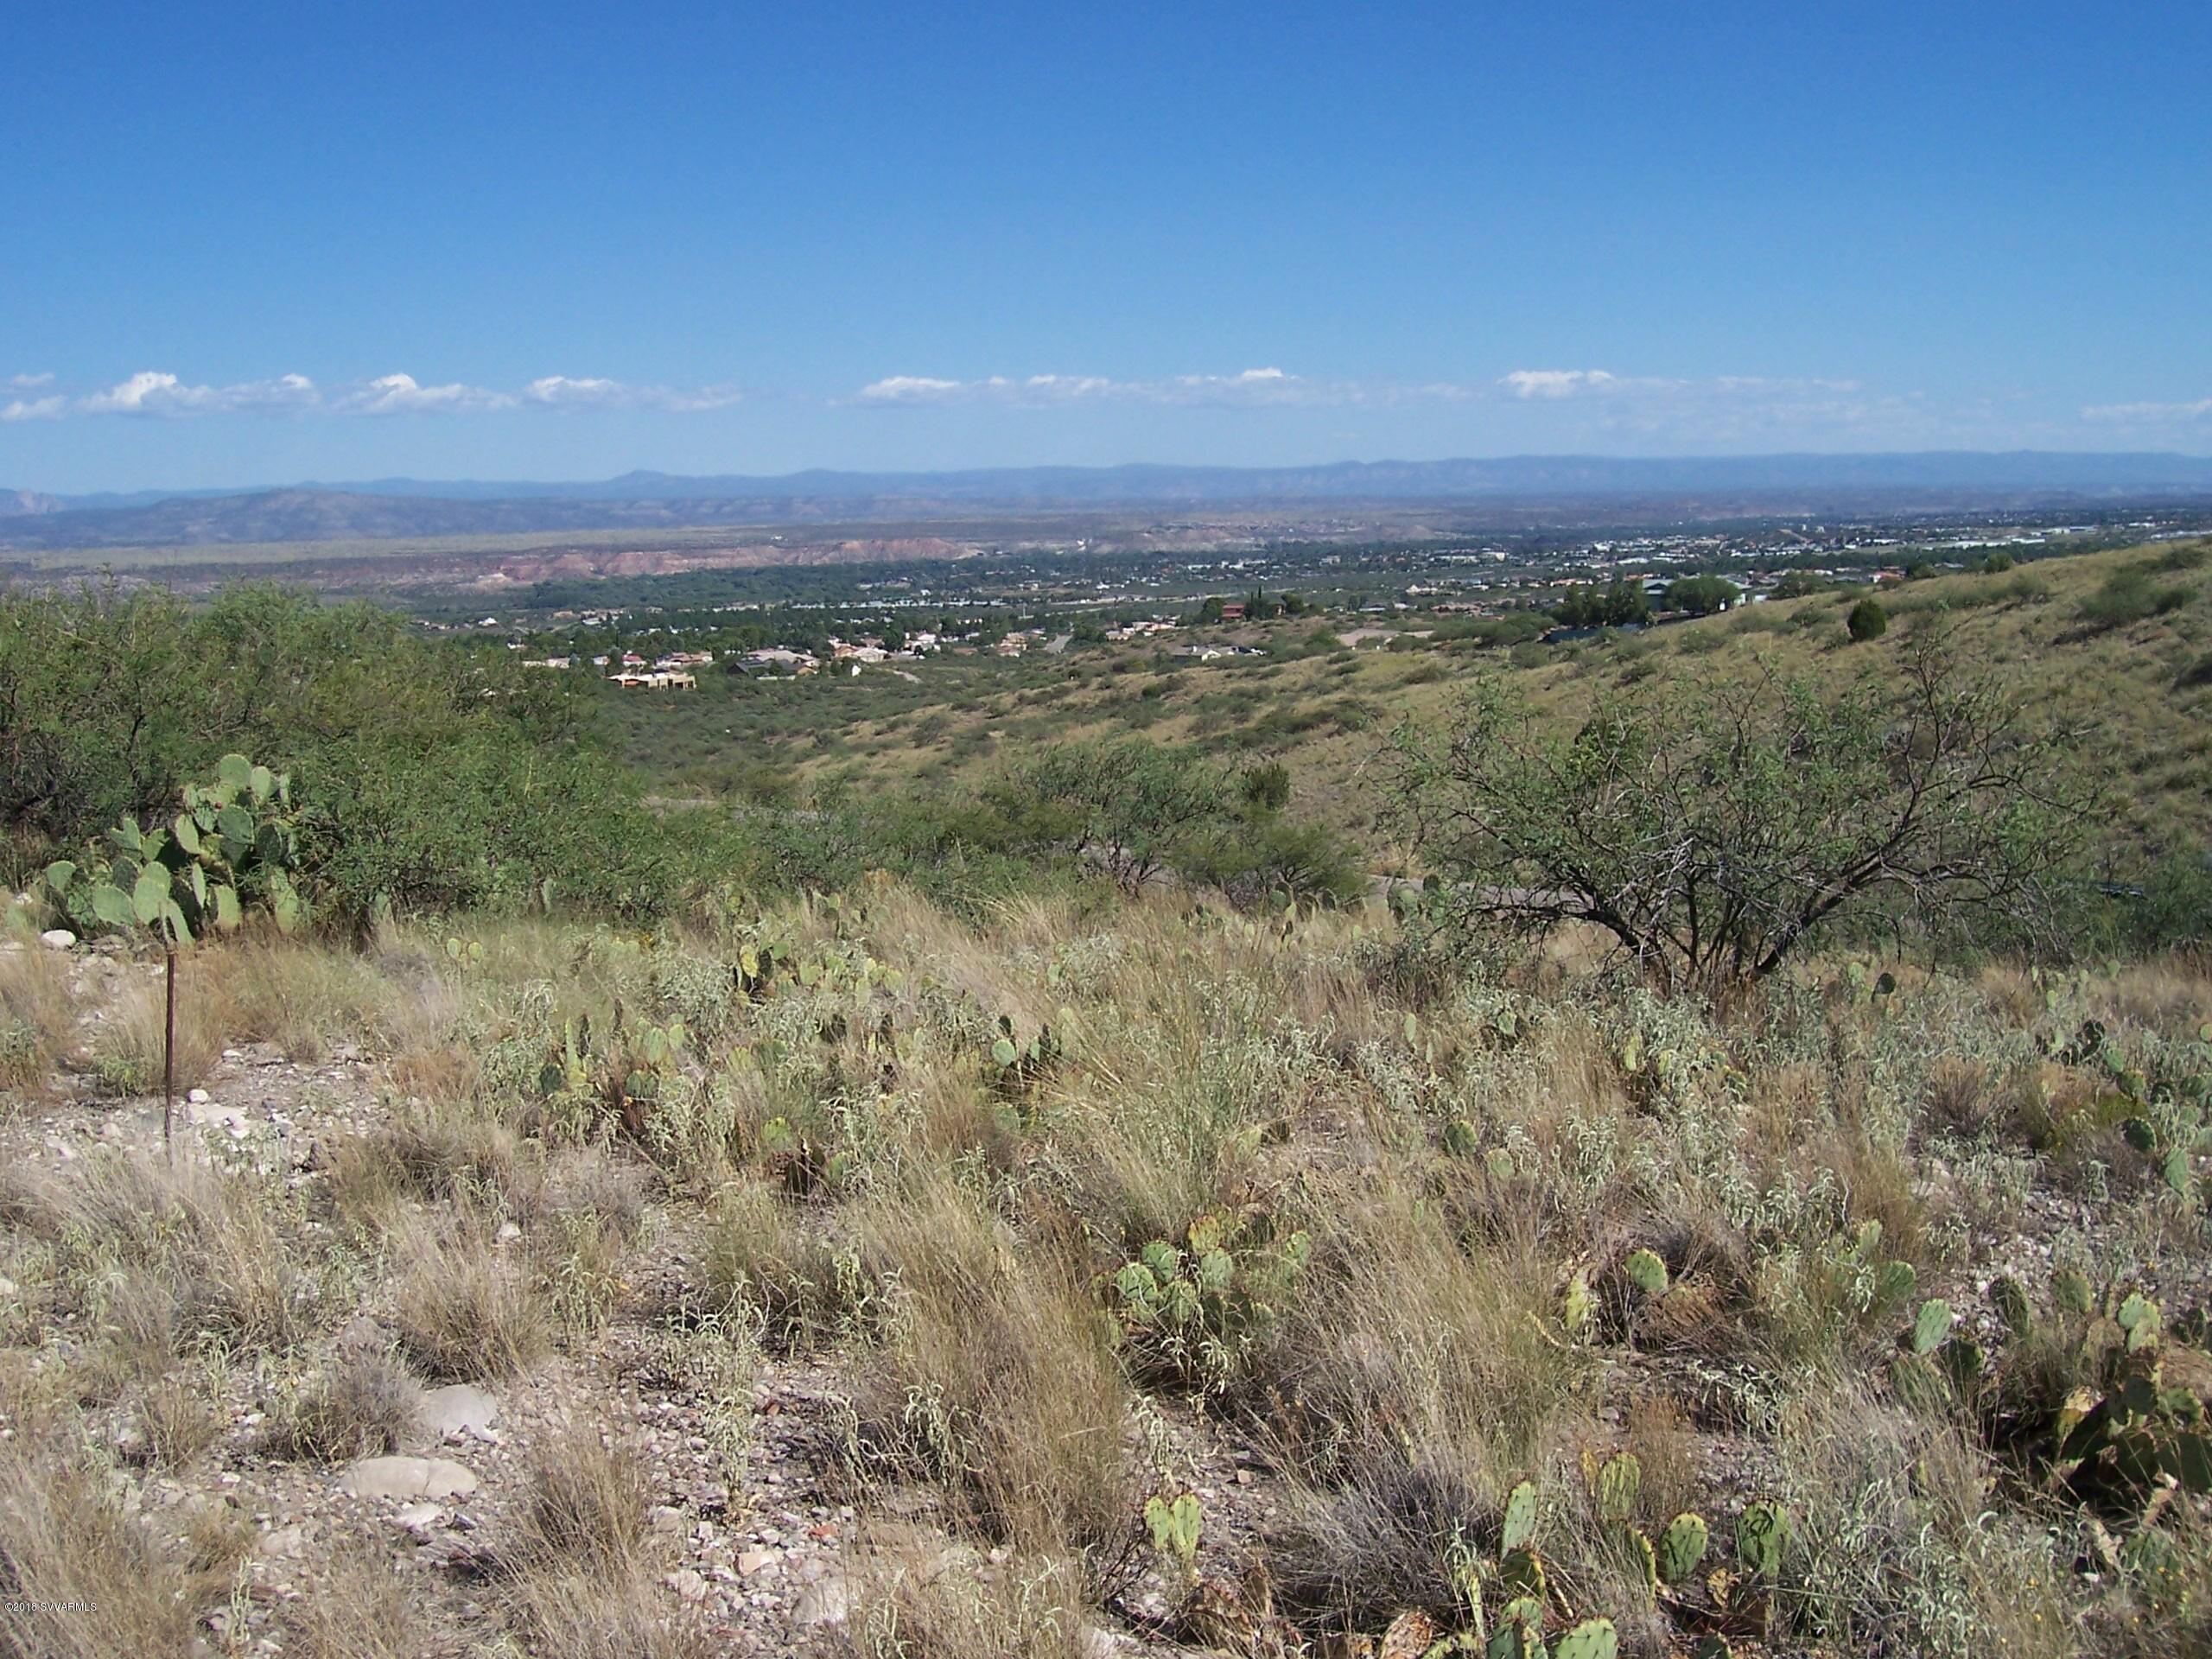 1780 Tavasci Rd. Clarkdale, AZ 86324